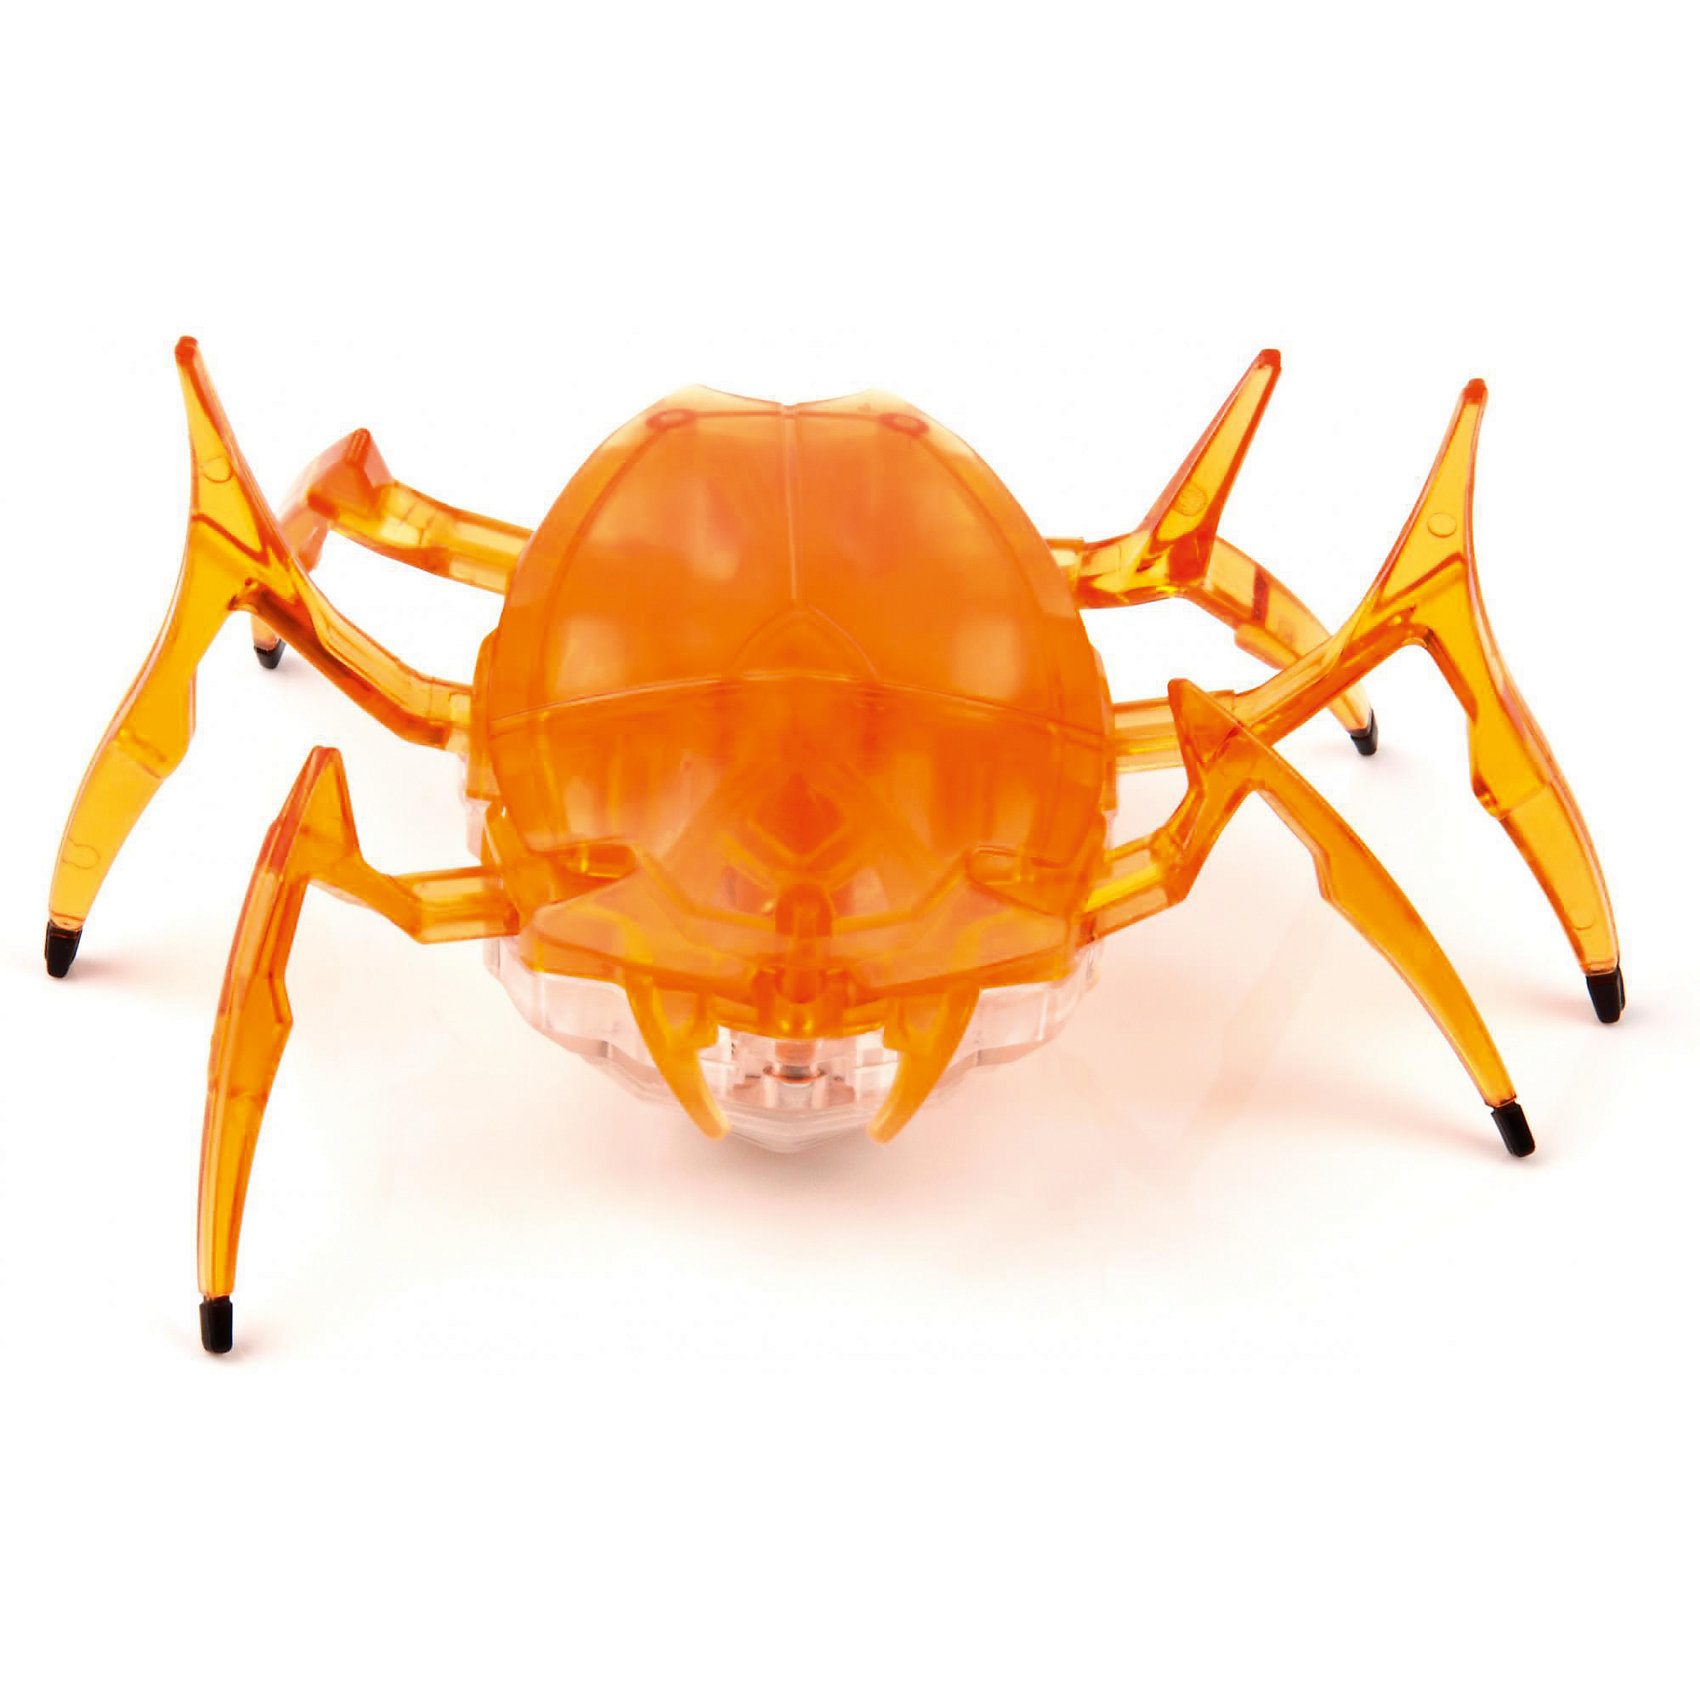 Микро-робот Cкарабей, оранжевый, HexbugПрочие интерактивные игрушки<br><br><br>Ширина мм: 60<br>Глубина мм: 110<br>Высота мм: 130<br>Вес г: 47<br>Возраст от месяцев: 36<br>Возраст до месяцев: 2147483647<br>Пол: Унисекс<br>Возраст: Детский<br>SKU: 5507224